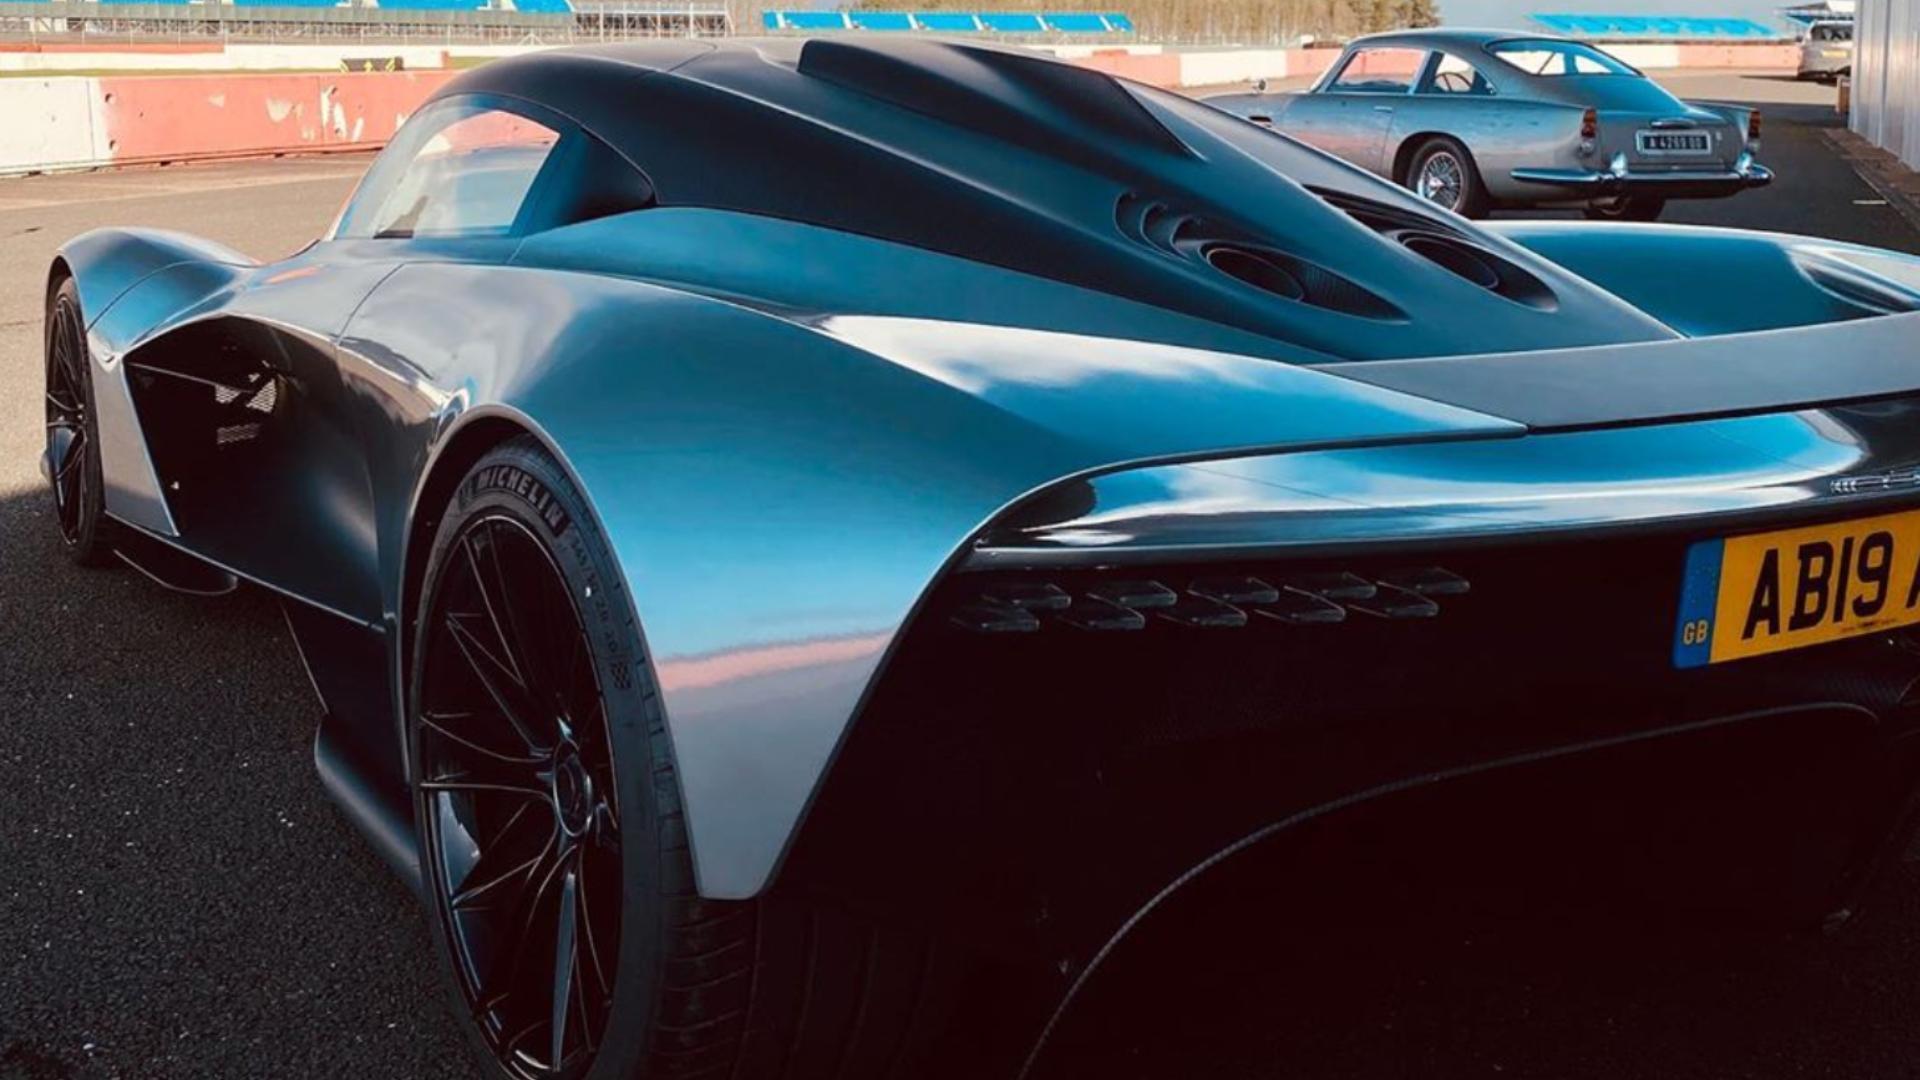 James Bond No Time To Die Aston Martin Valhalla